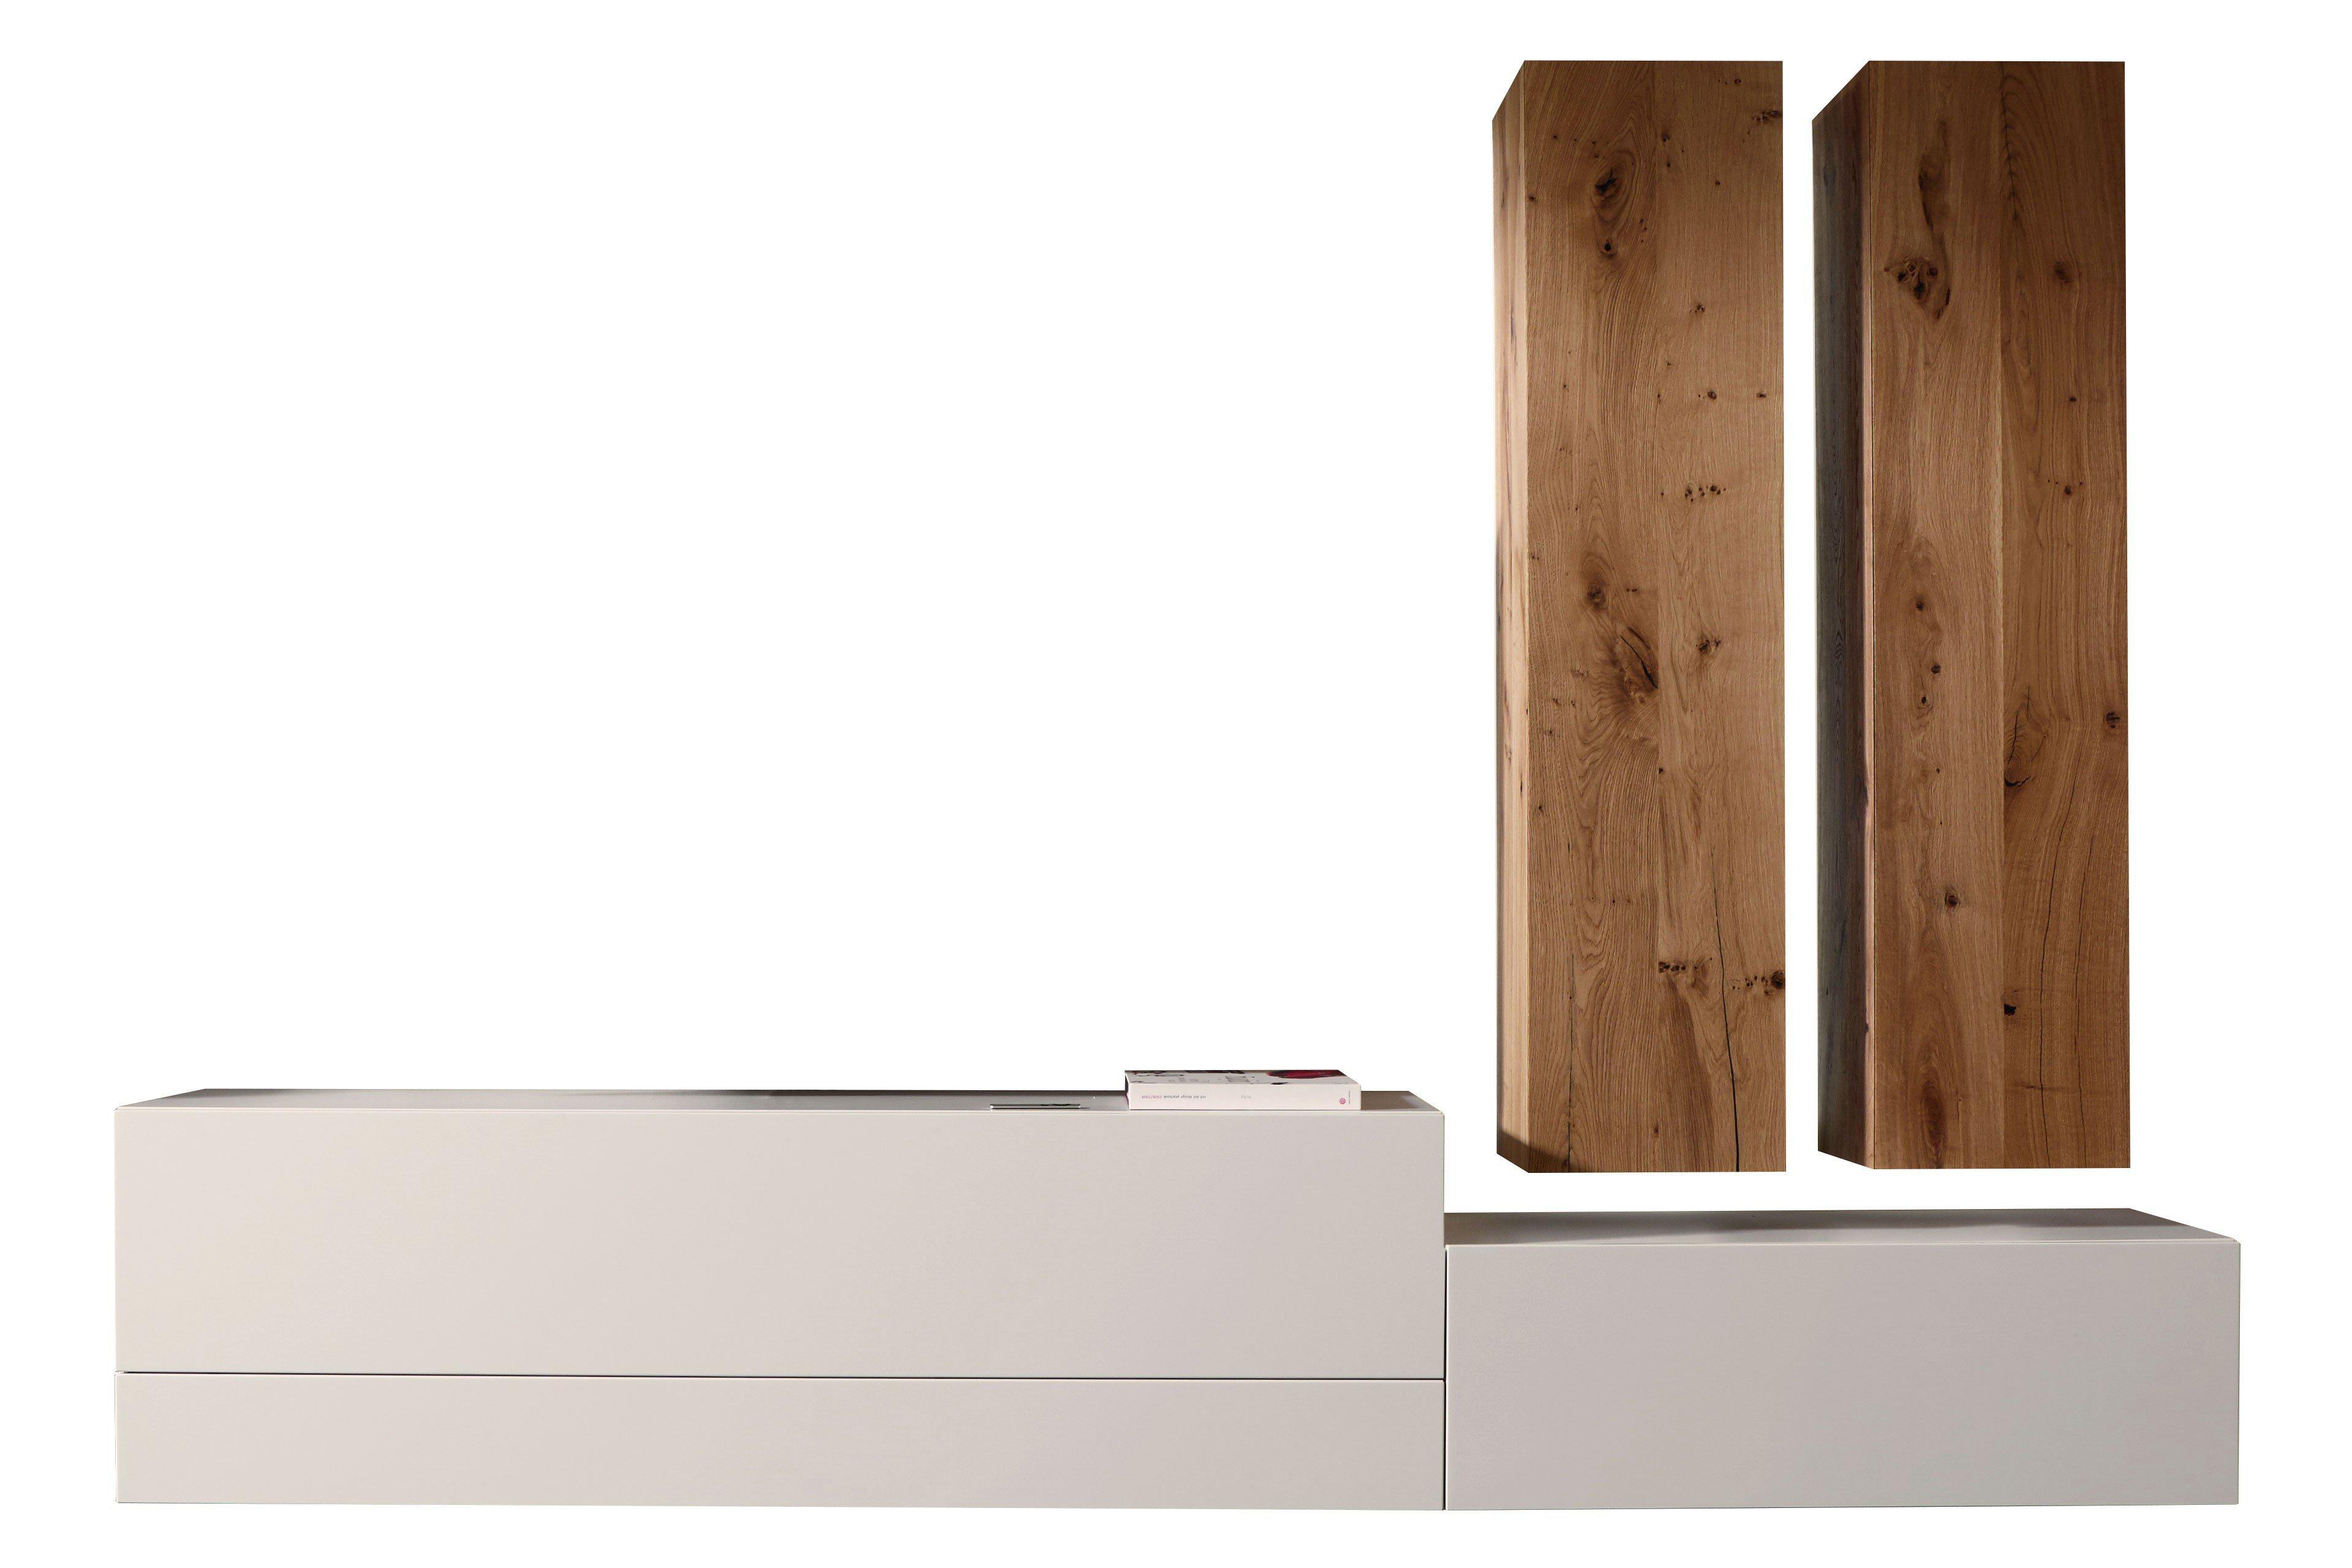 w stmann wohnwand nw 440 in bohleneiche bianco m bel letz ihr online shop. Black Bedroom Furniture Sets. Home Design Ideas